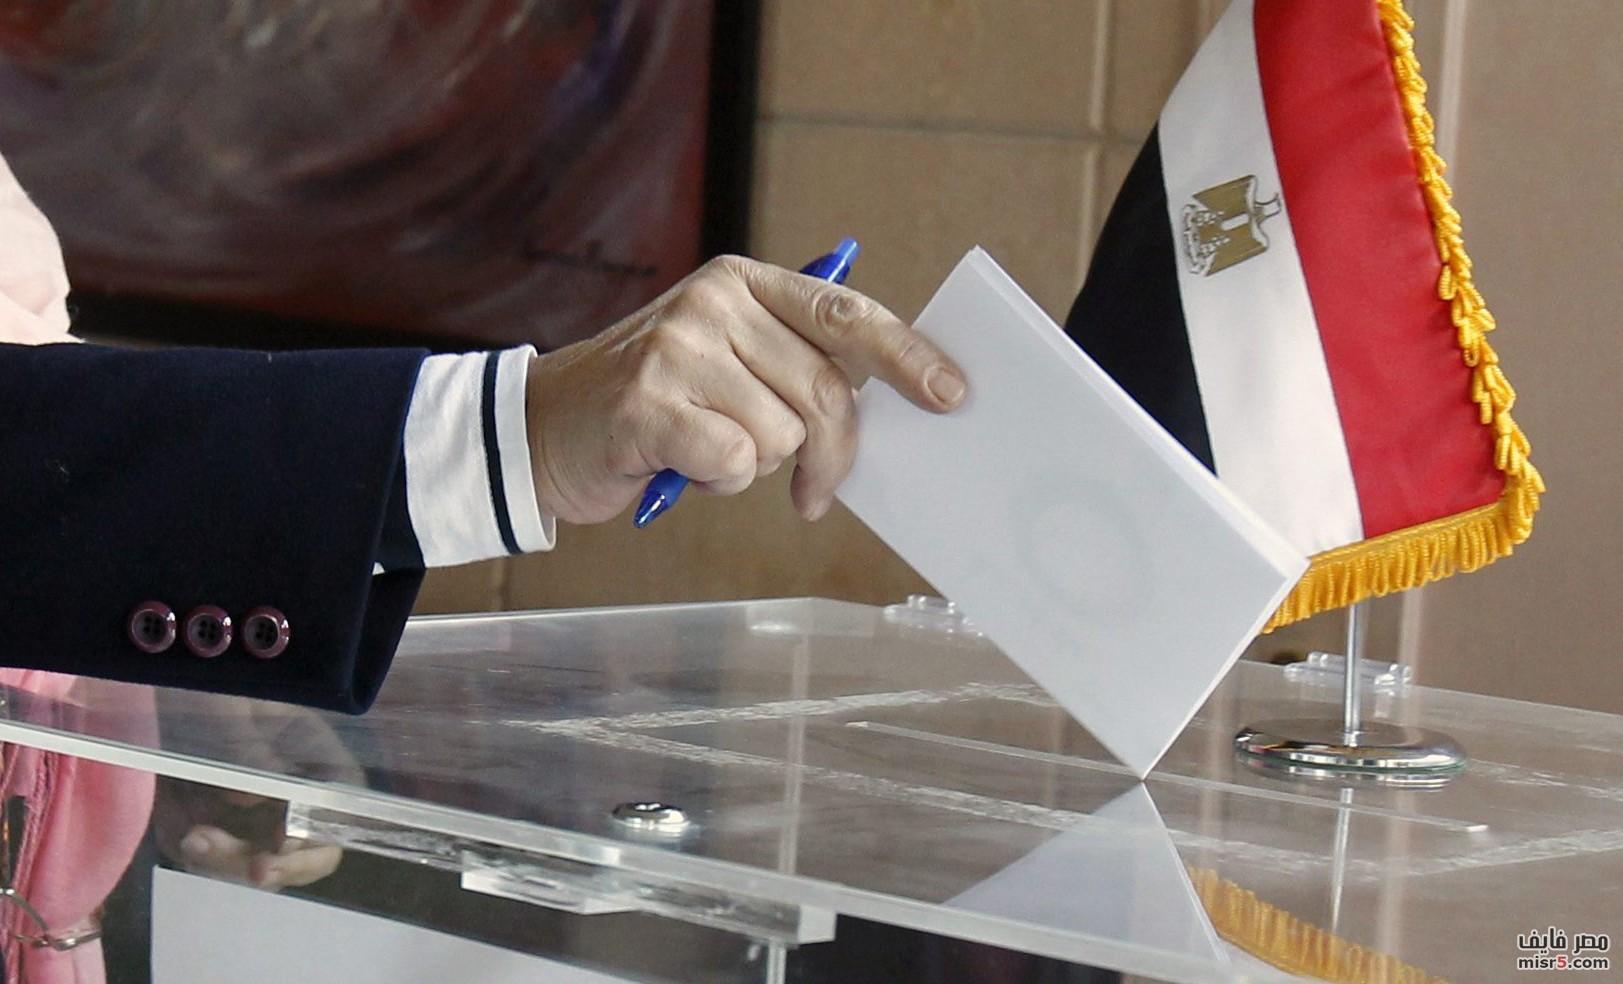 أبحث-بالرقم-القومي-عن-لجنتك-الانتخابية-في-انتخابات-البرلمان-2015